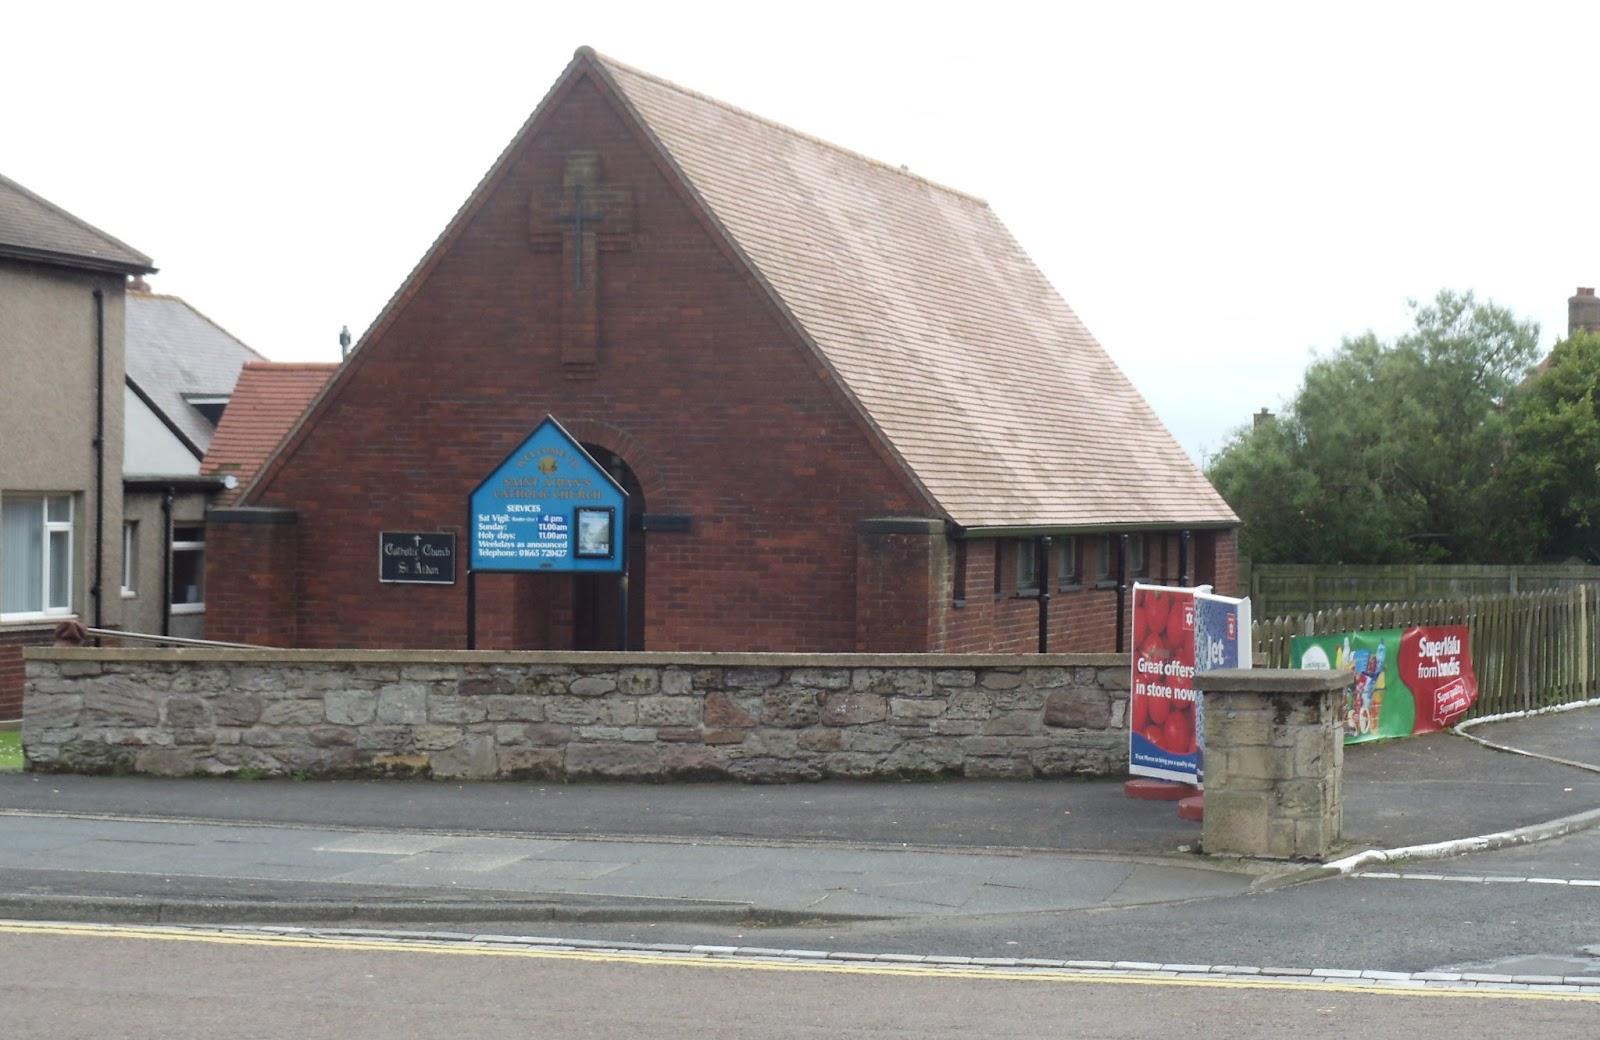 St. Aidan's Church in Seahouses